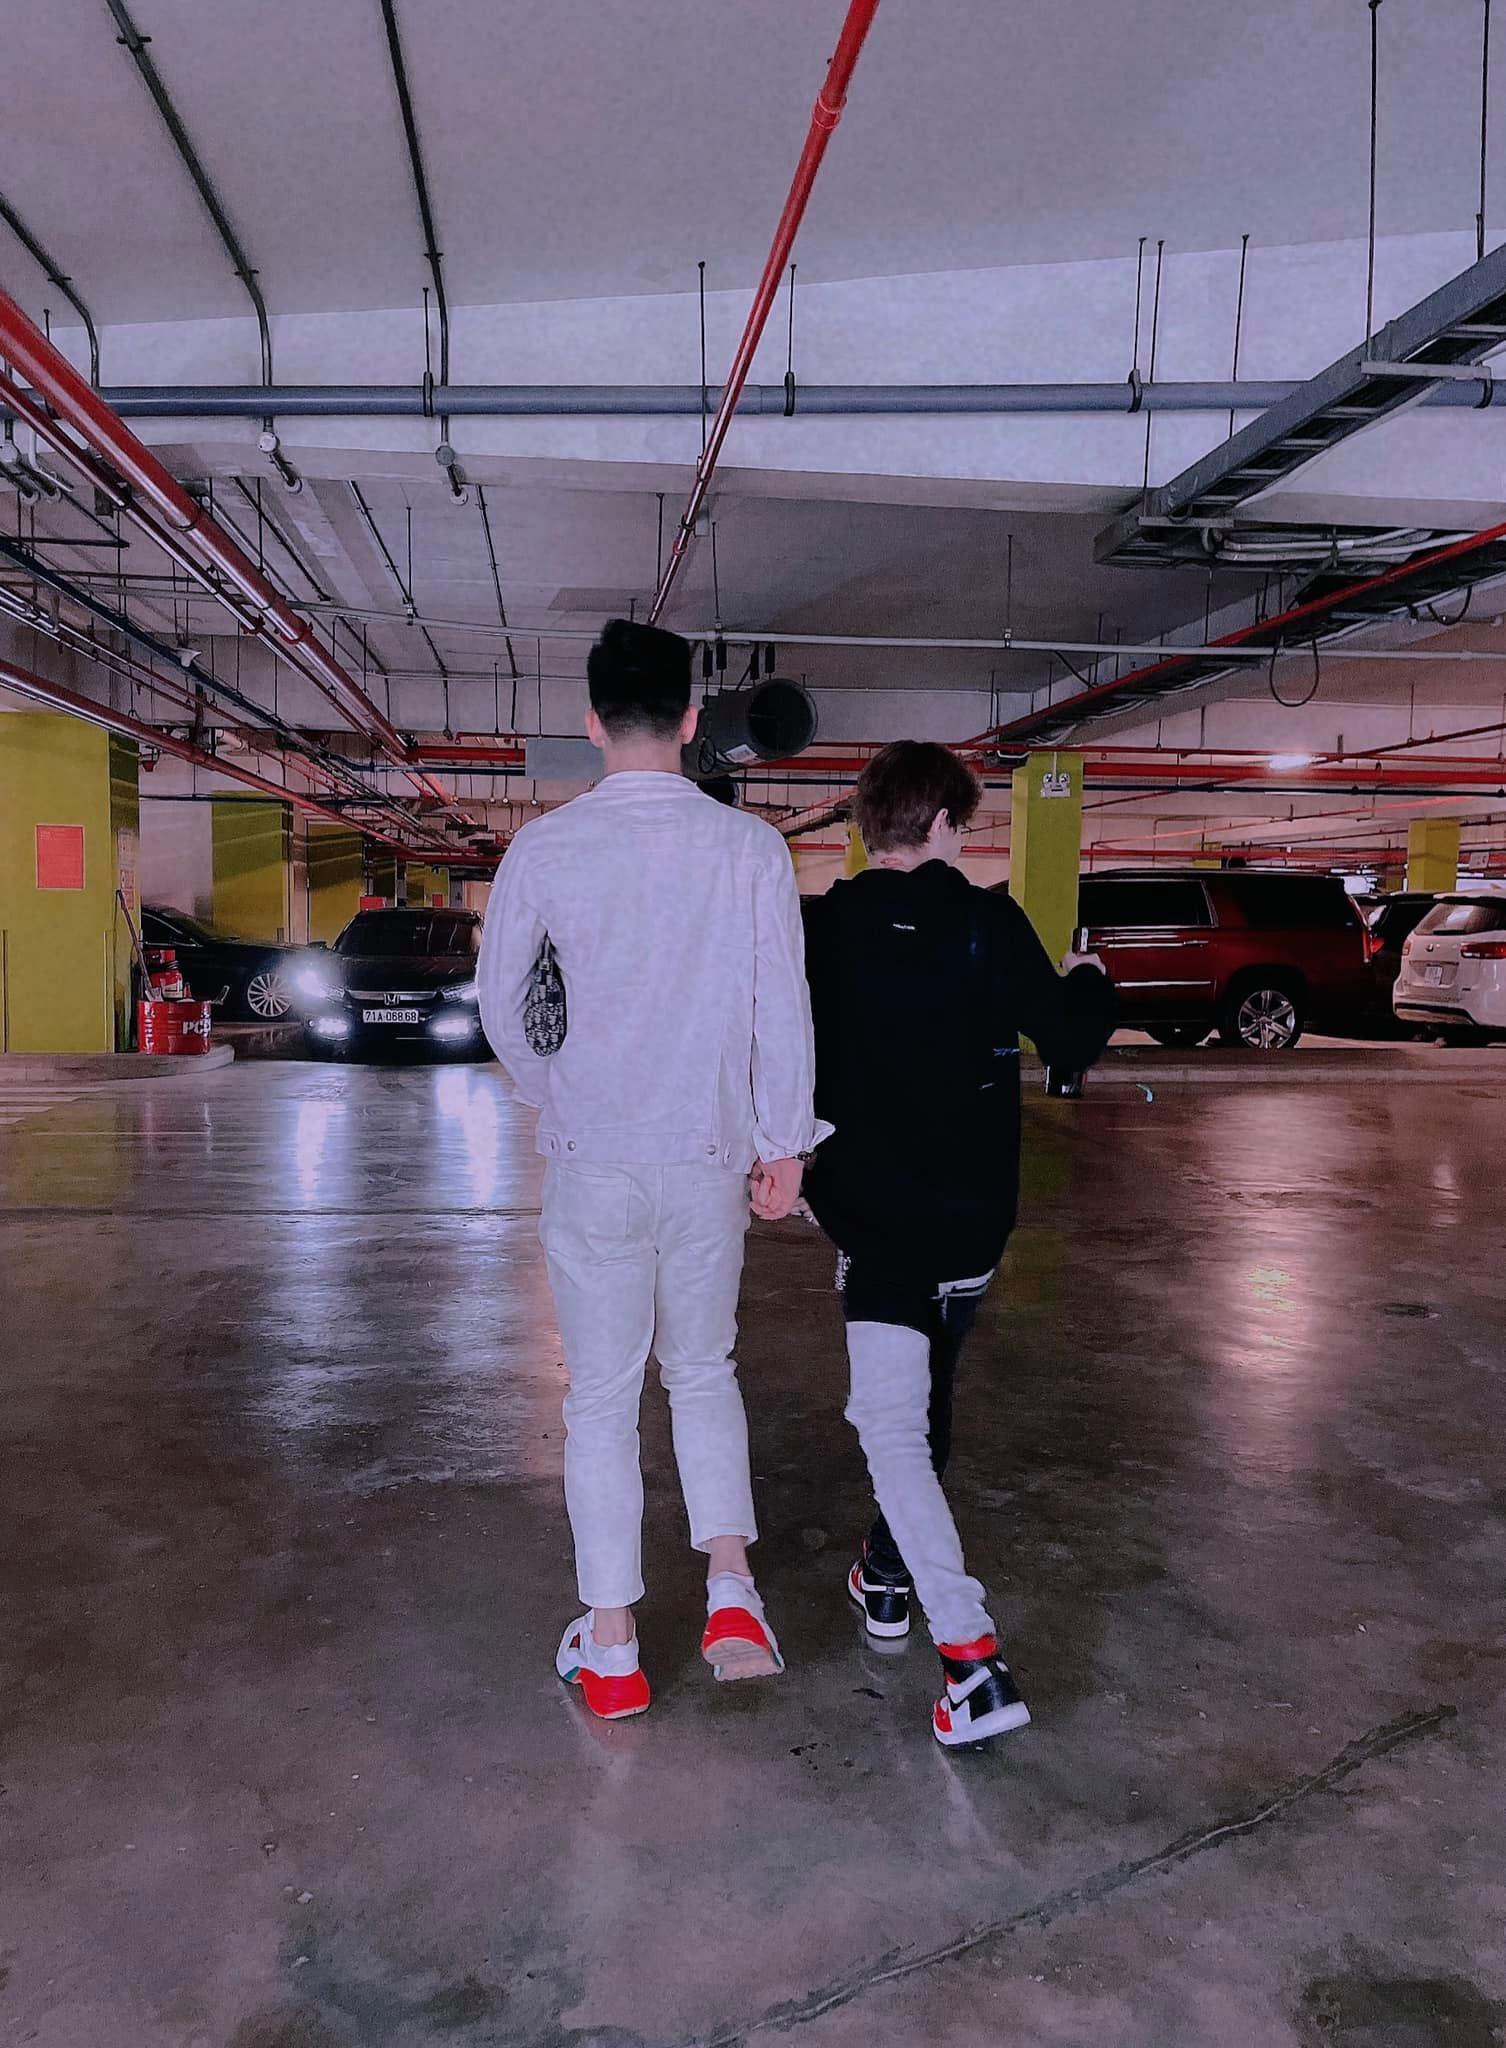 Jack đăng ảnh bên trai lạ ngày Valentine, netizen suýt rụng tim trước khoảnh khắc như đang nắm tay